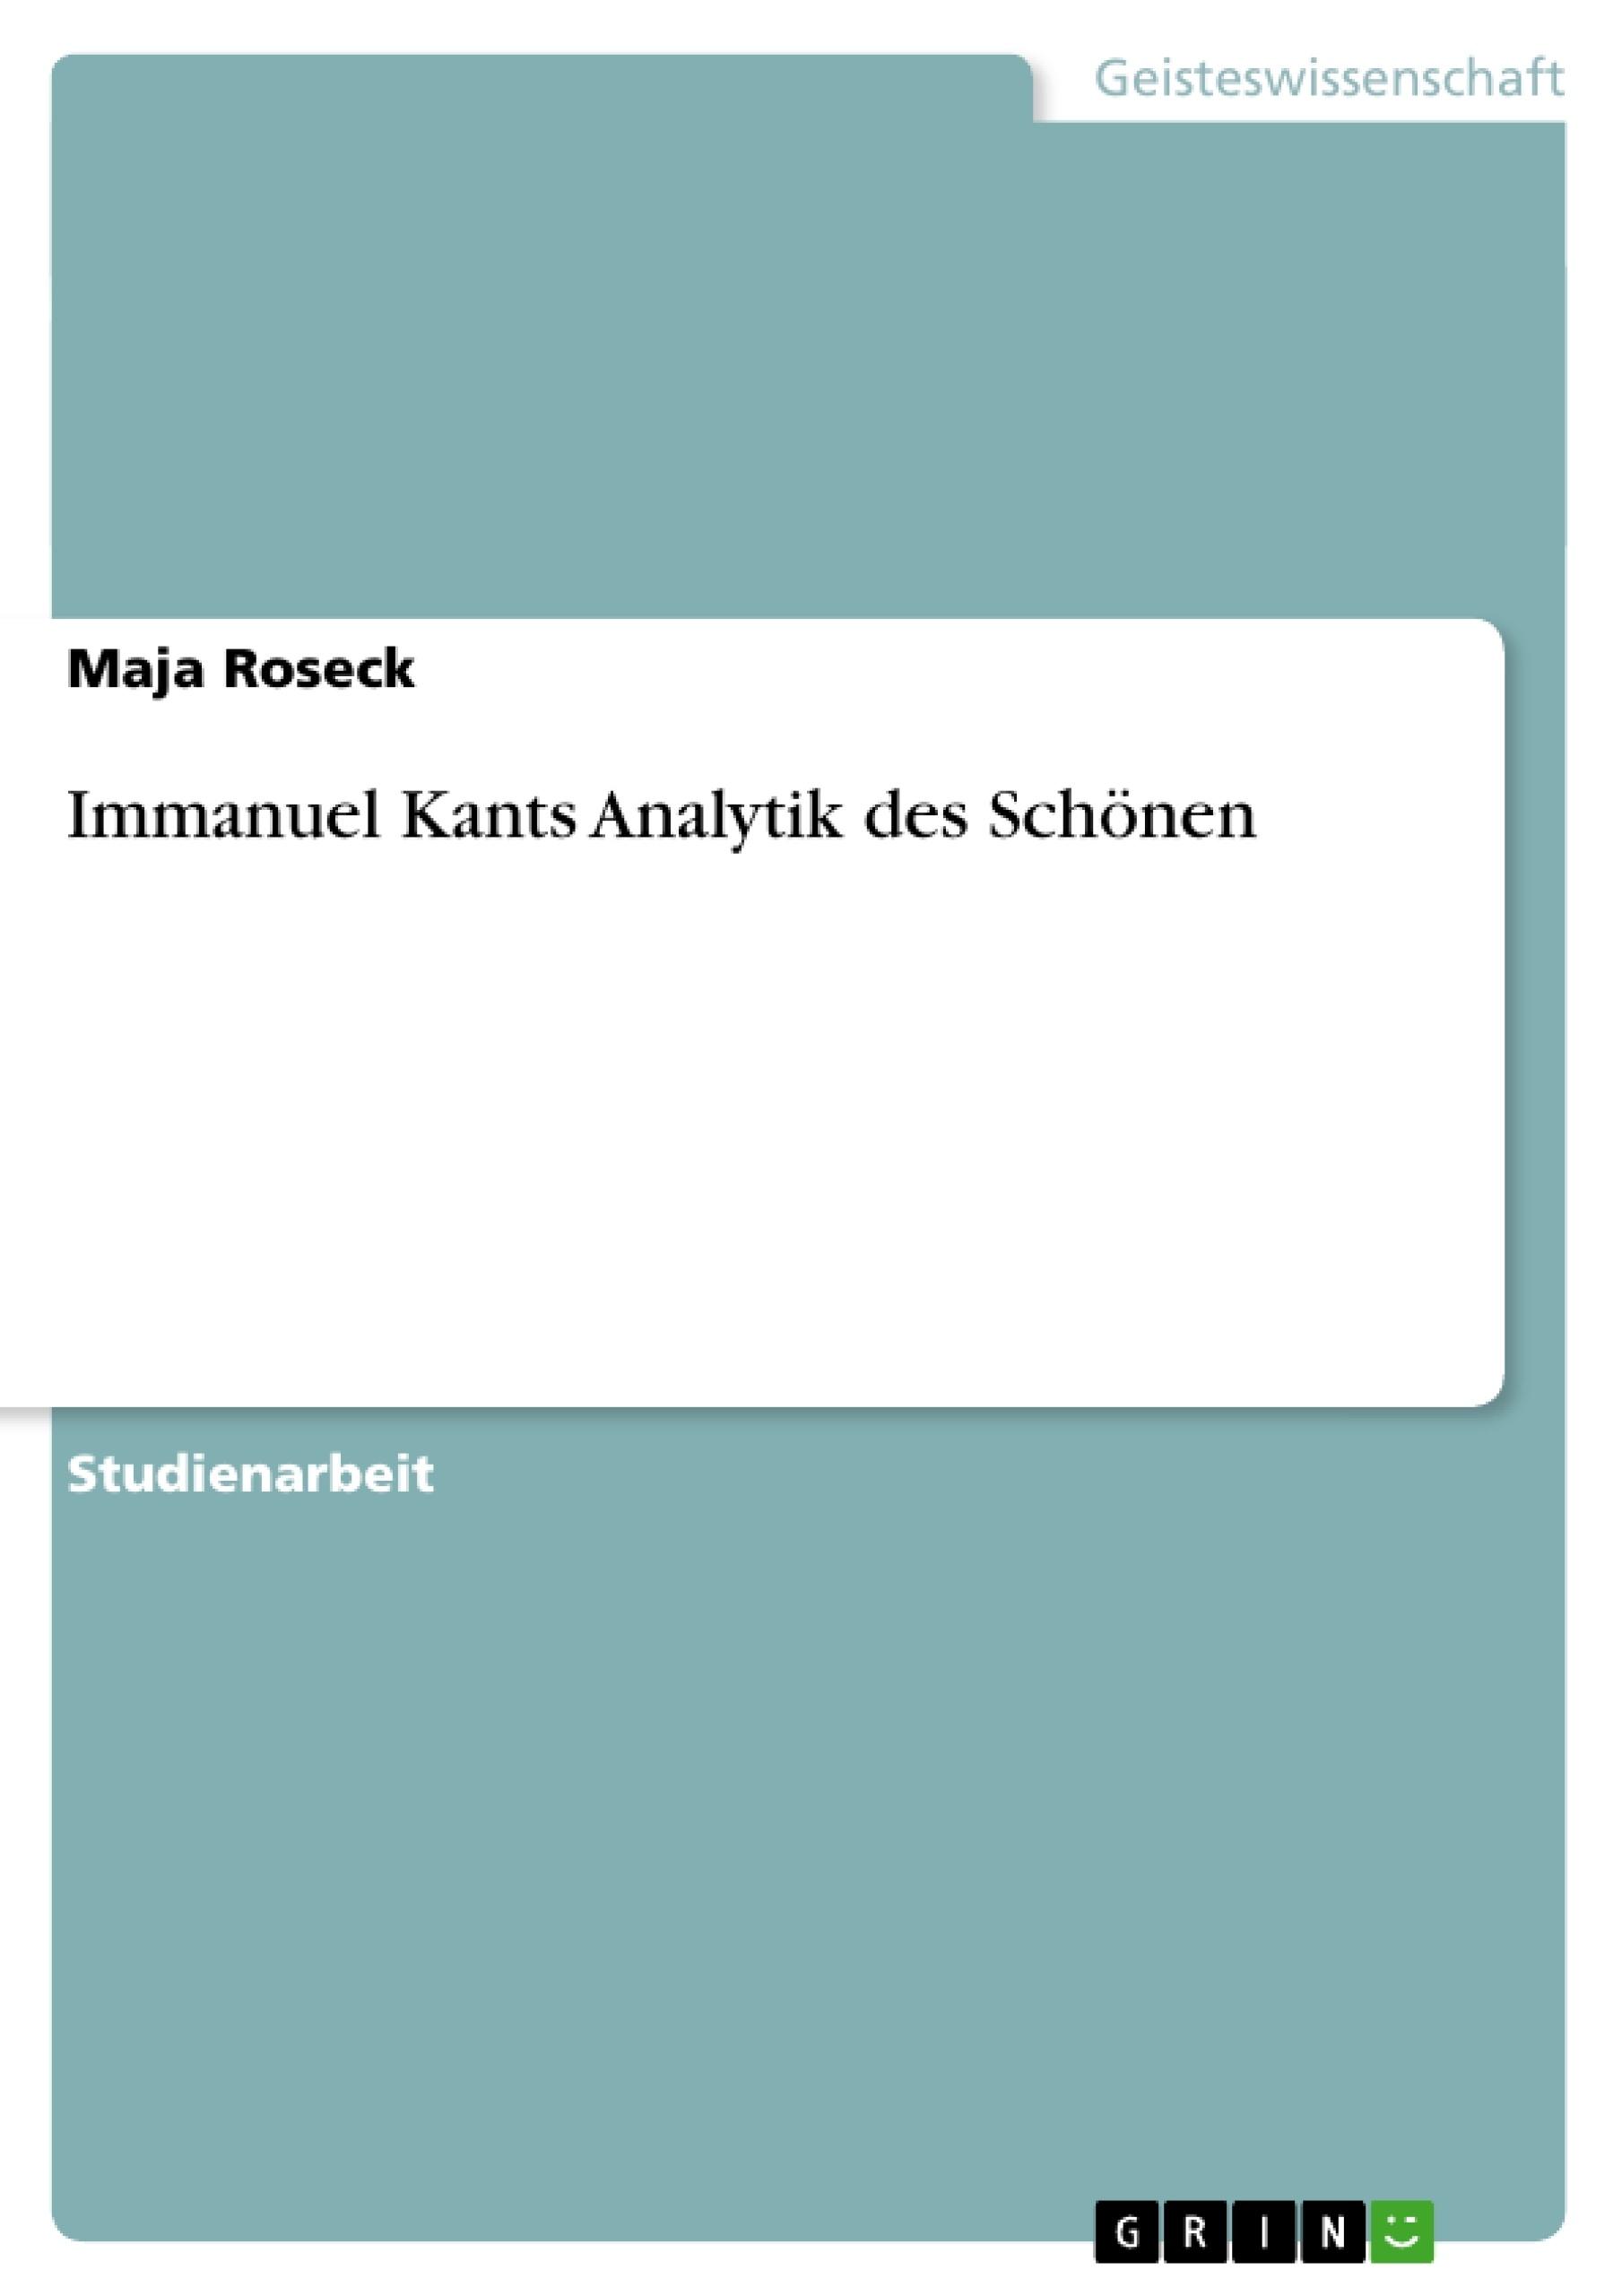 Titel: Immanuel Kants Analytik des Schönen